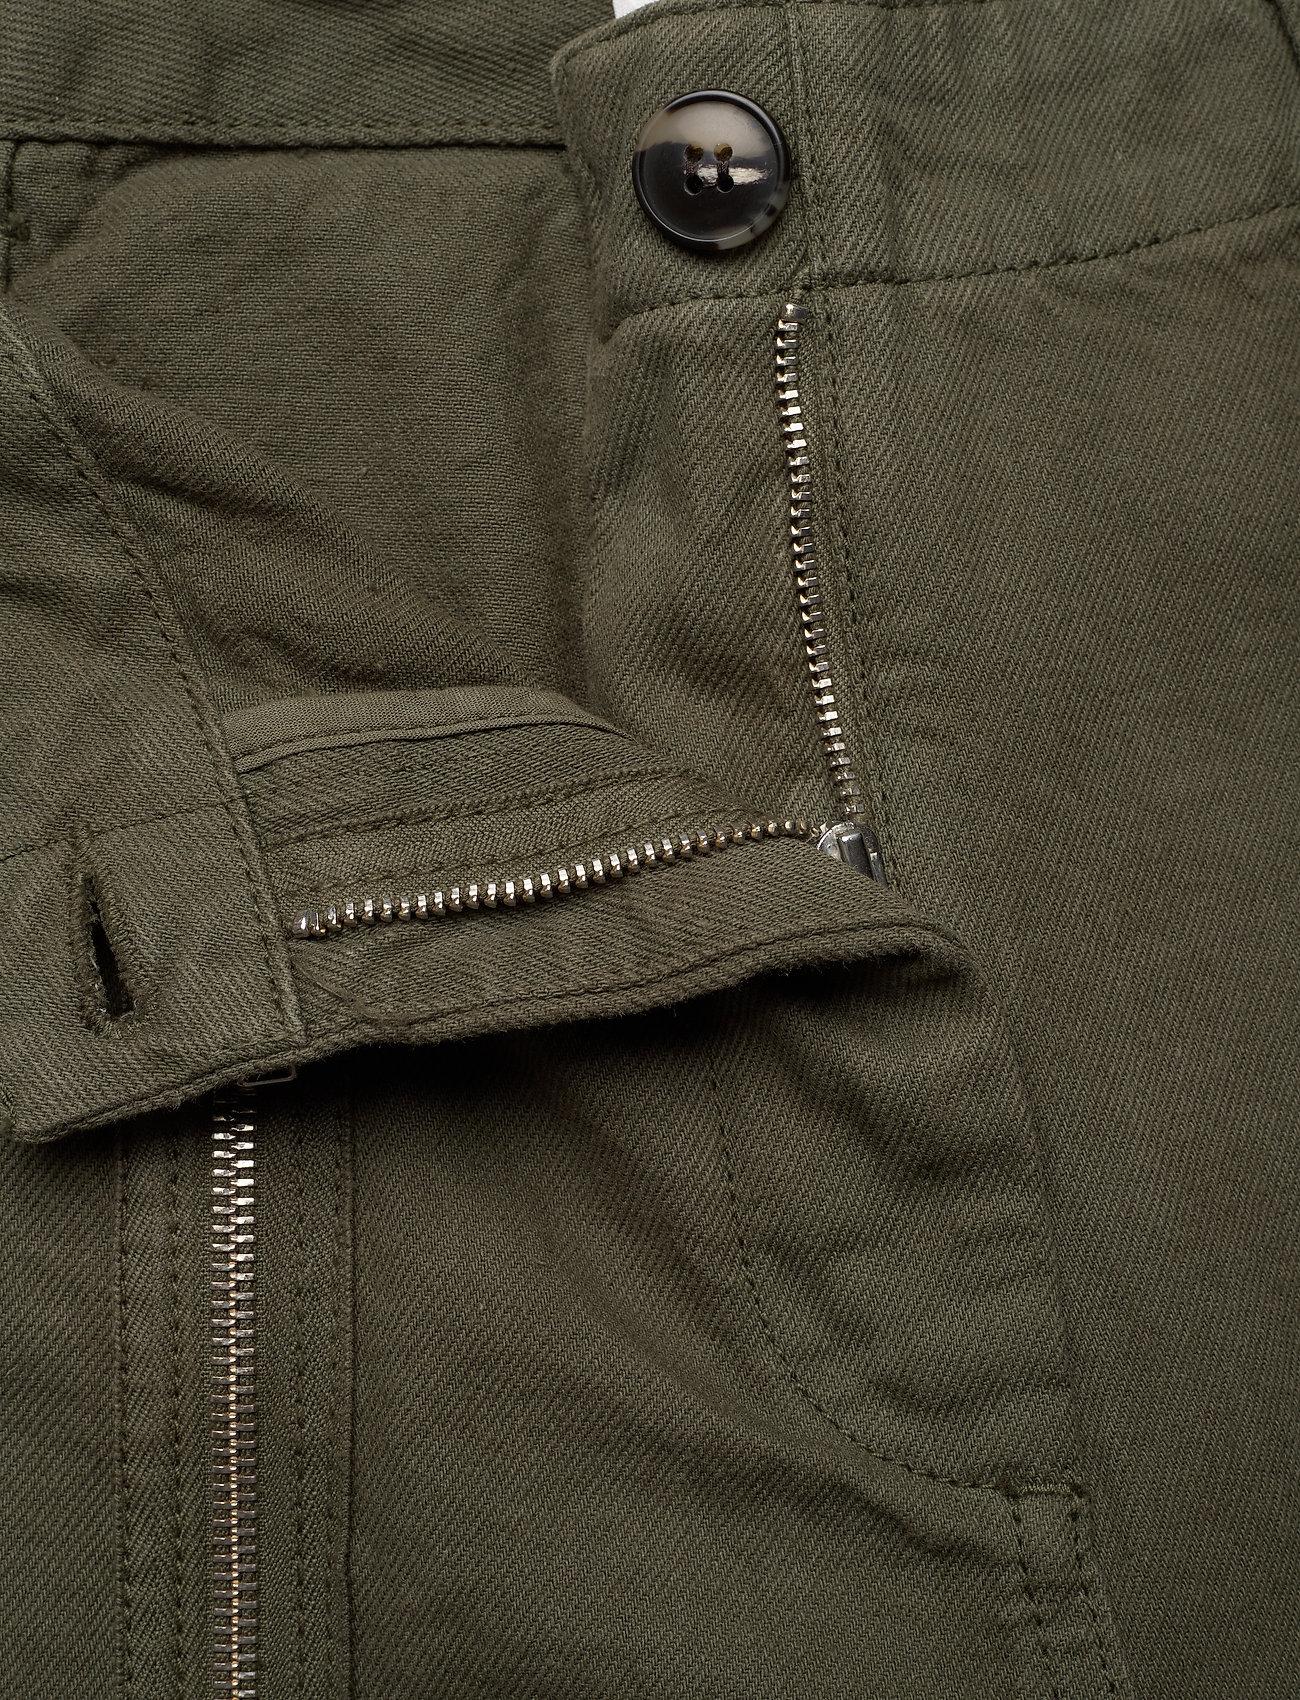 Billie Trousers (Dark Green) (75 €) - Wood Wood W6z7Z